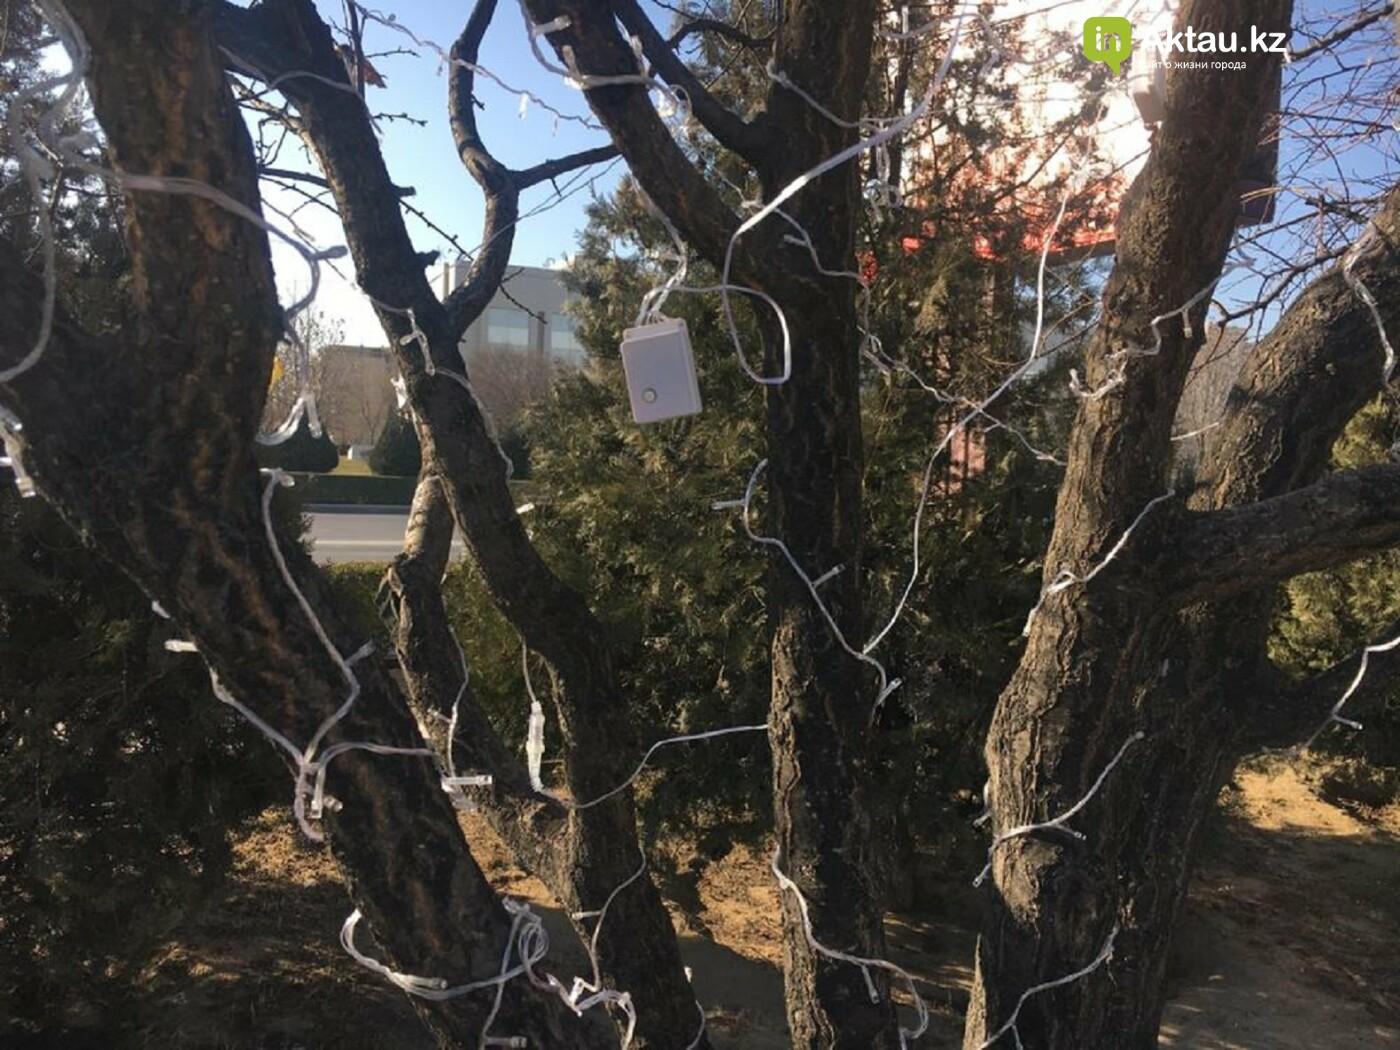 В Актау началась подготовка города к Новому году, фото-1